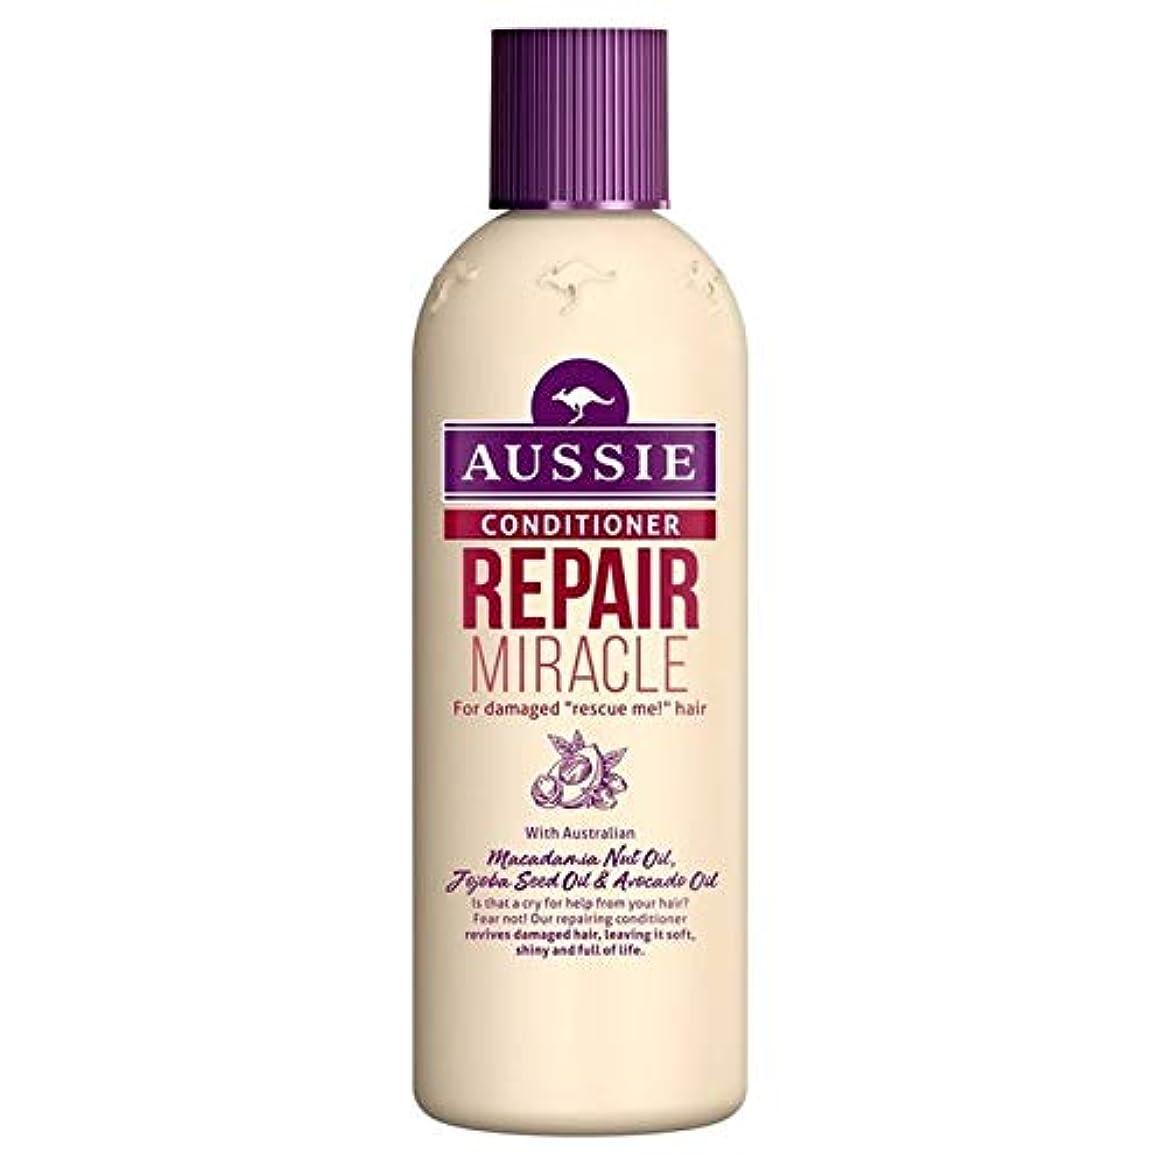 要旨クリップ蝶定義する[Aussie ] いたずらな髪の250ミリリットルのすべての種類のオージーエアコンの修理の奇跡 - Aussie Conditioner Repair Miracle for All Kinds of Naughty...